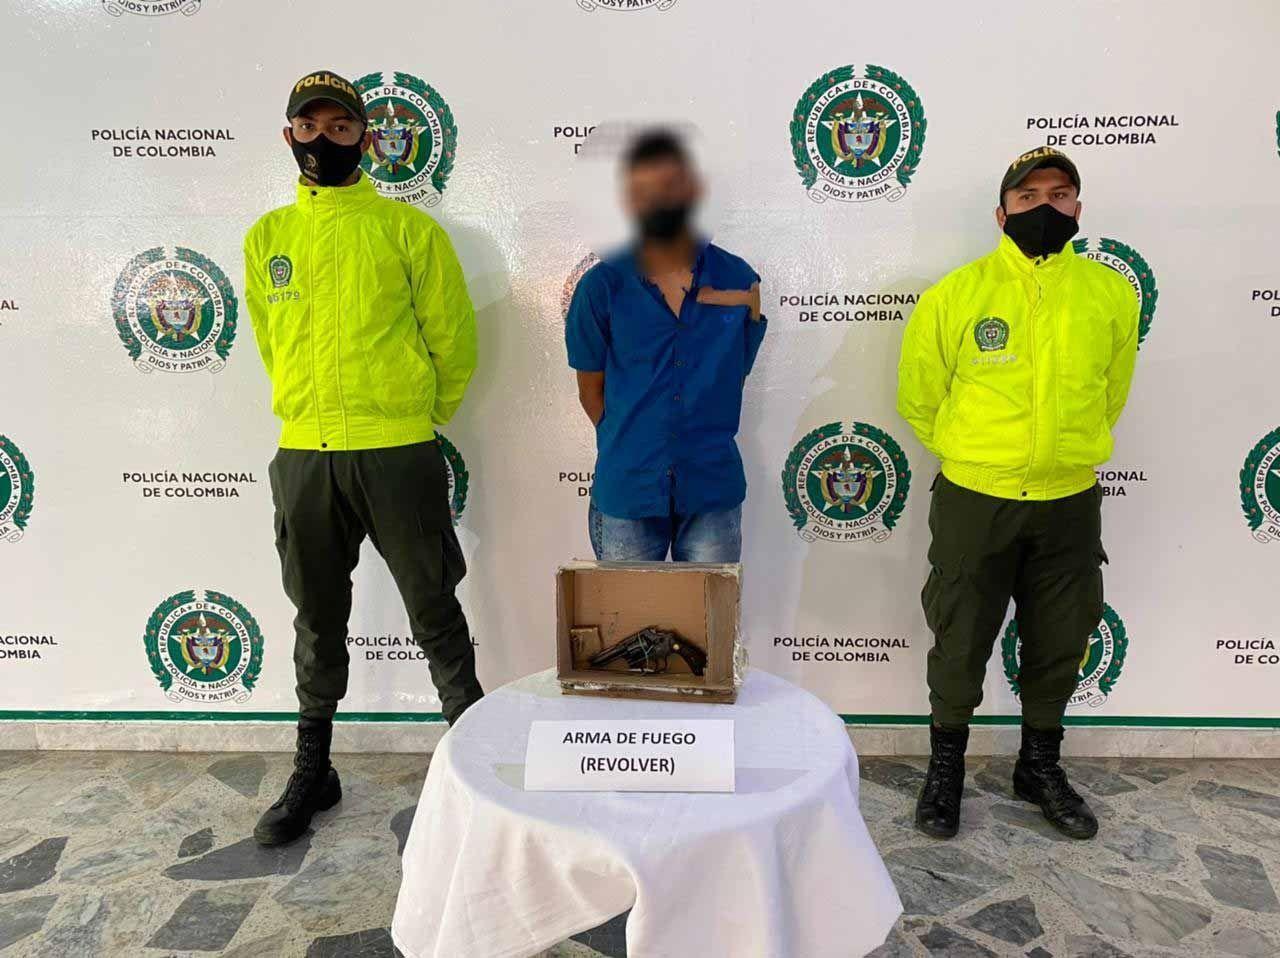 Capturado hombre que habría disparado a guarda de seguridad en el barrio La Pola durante un robo